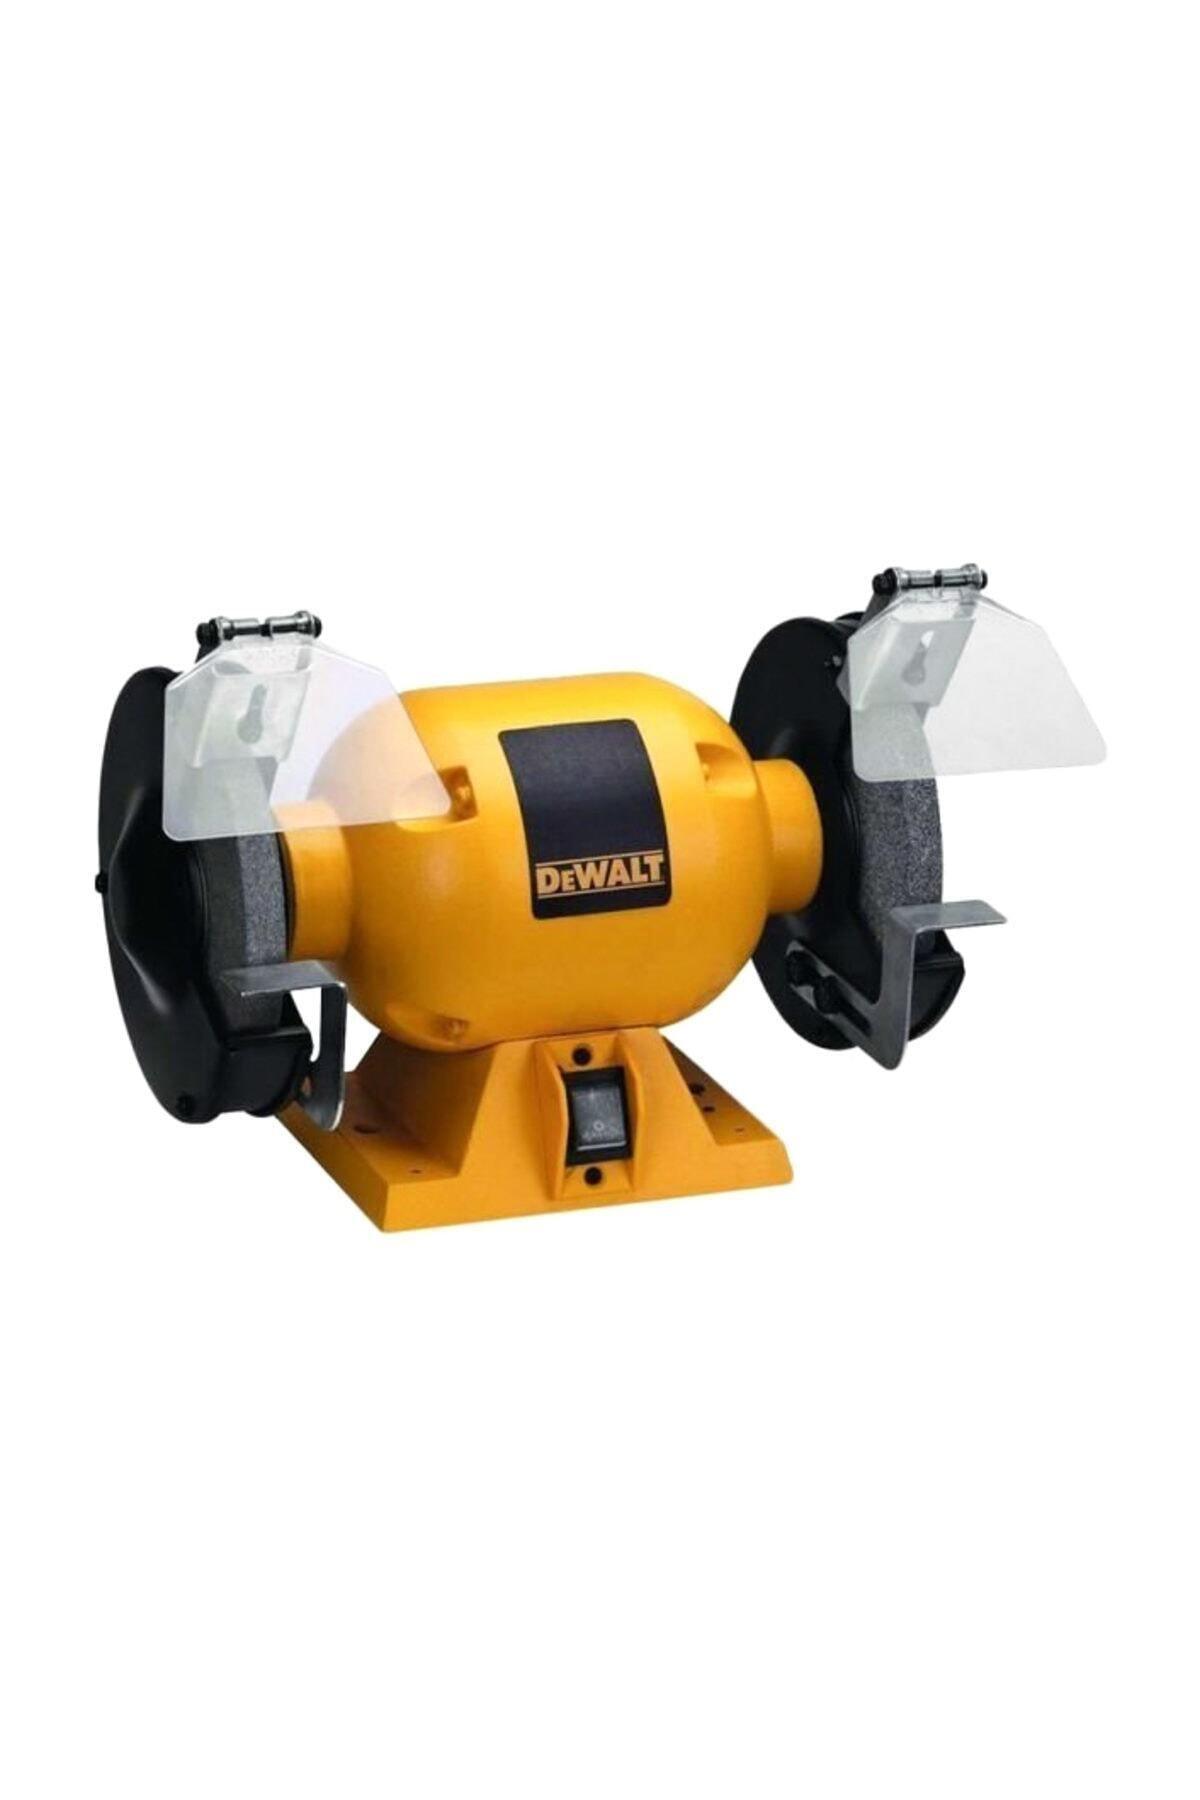 Dewalt Dw752r Taş Motoru 373 Watt 152 Mm 1